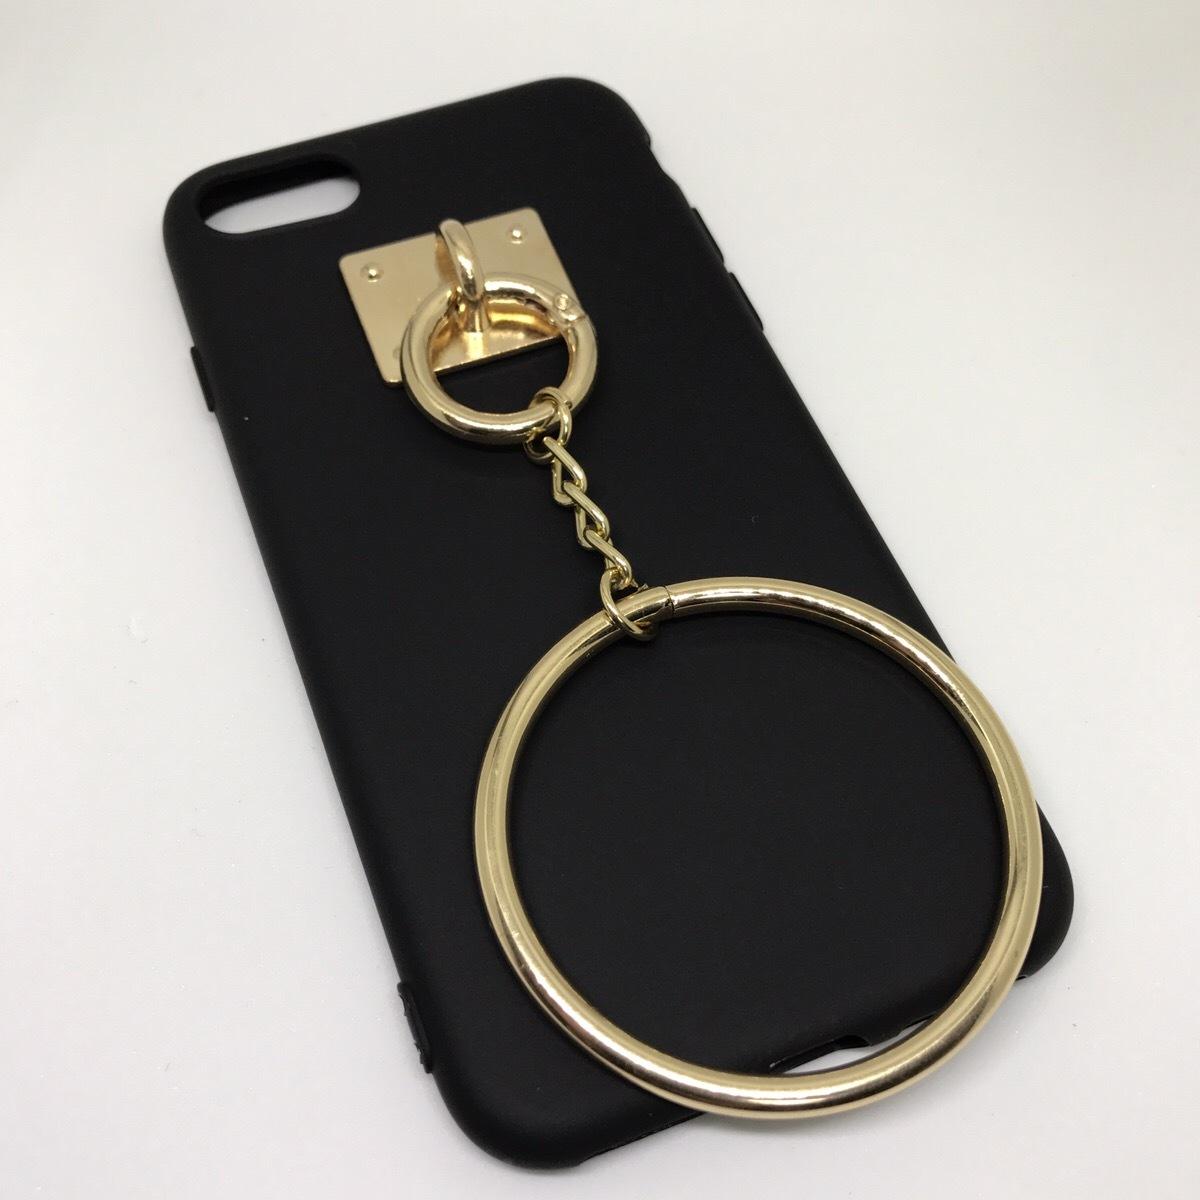 【送料無料】ブラックソフトケースにゴールドのリングチャーム iPhoneケース